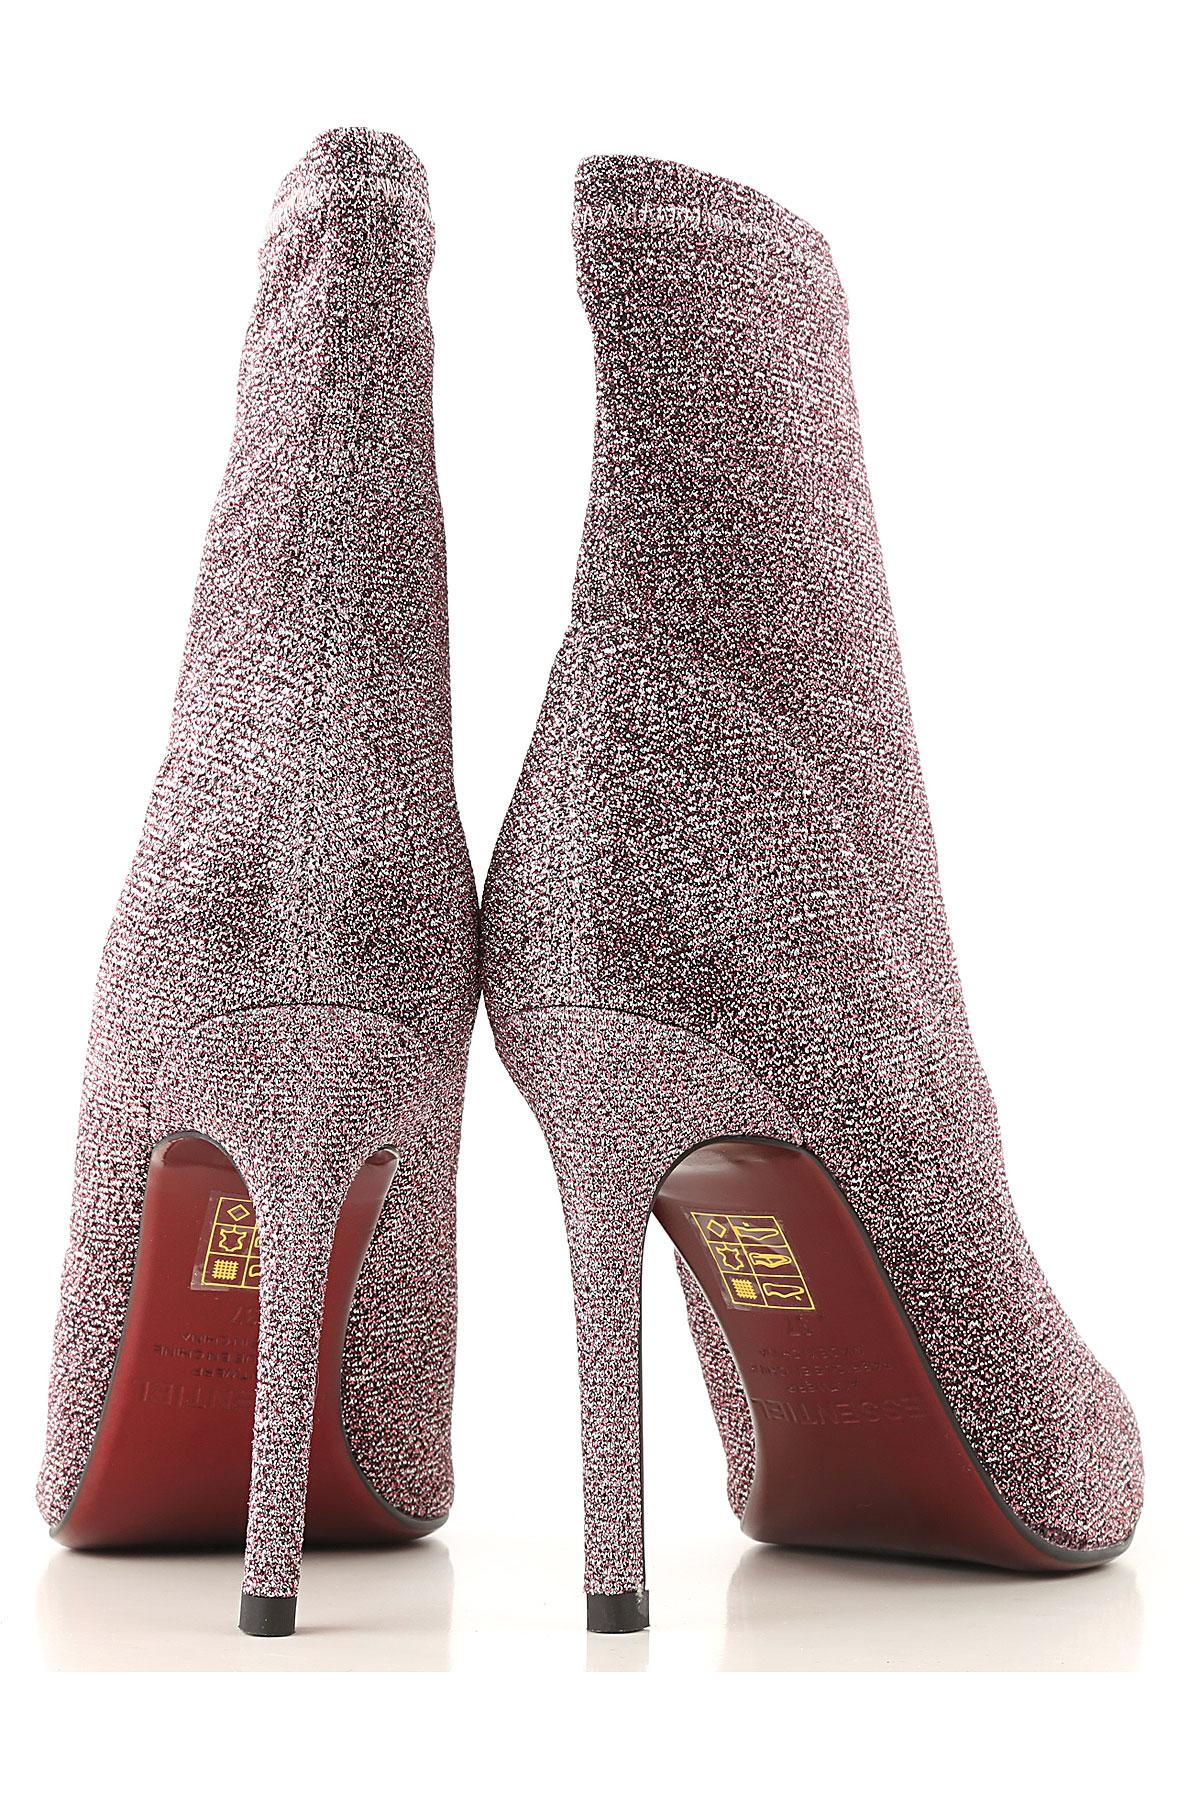 Antwerp Para Aster Mujer 19 2018 invierno nbsp; Otoño Essentiel Zapatos Brillantoso Hq6WEw